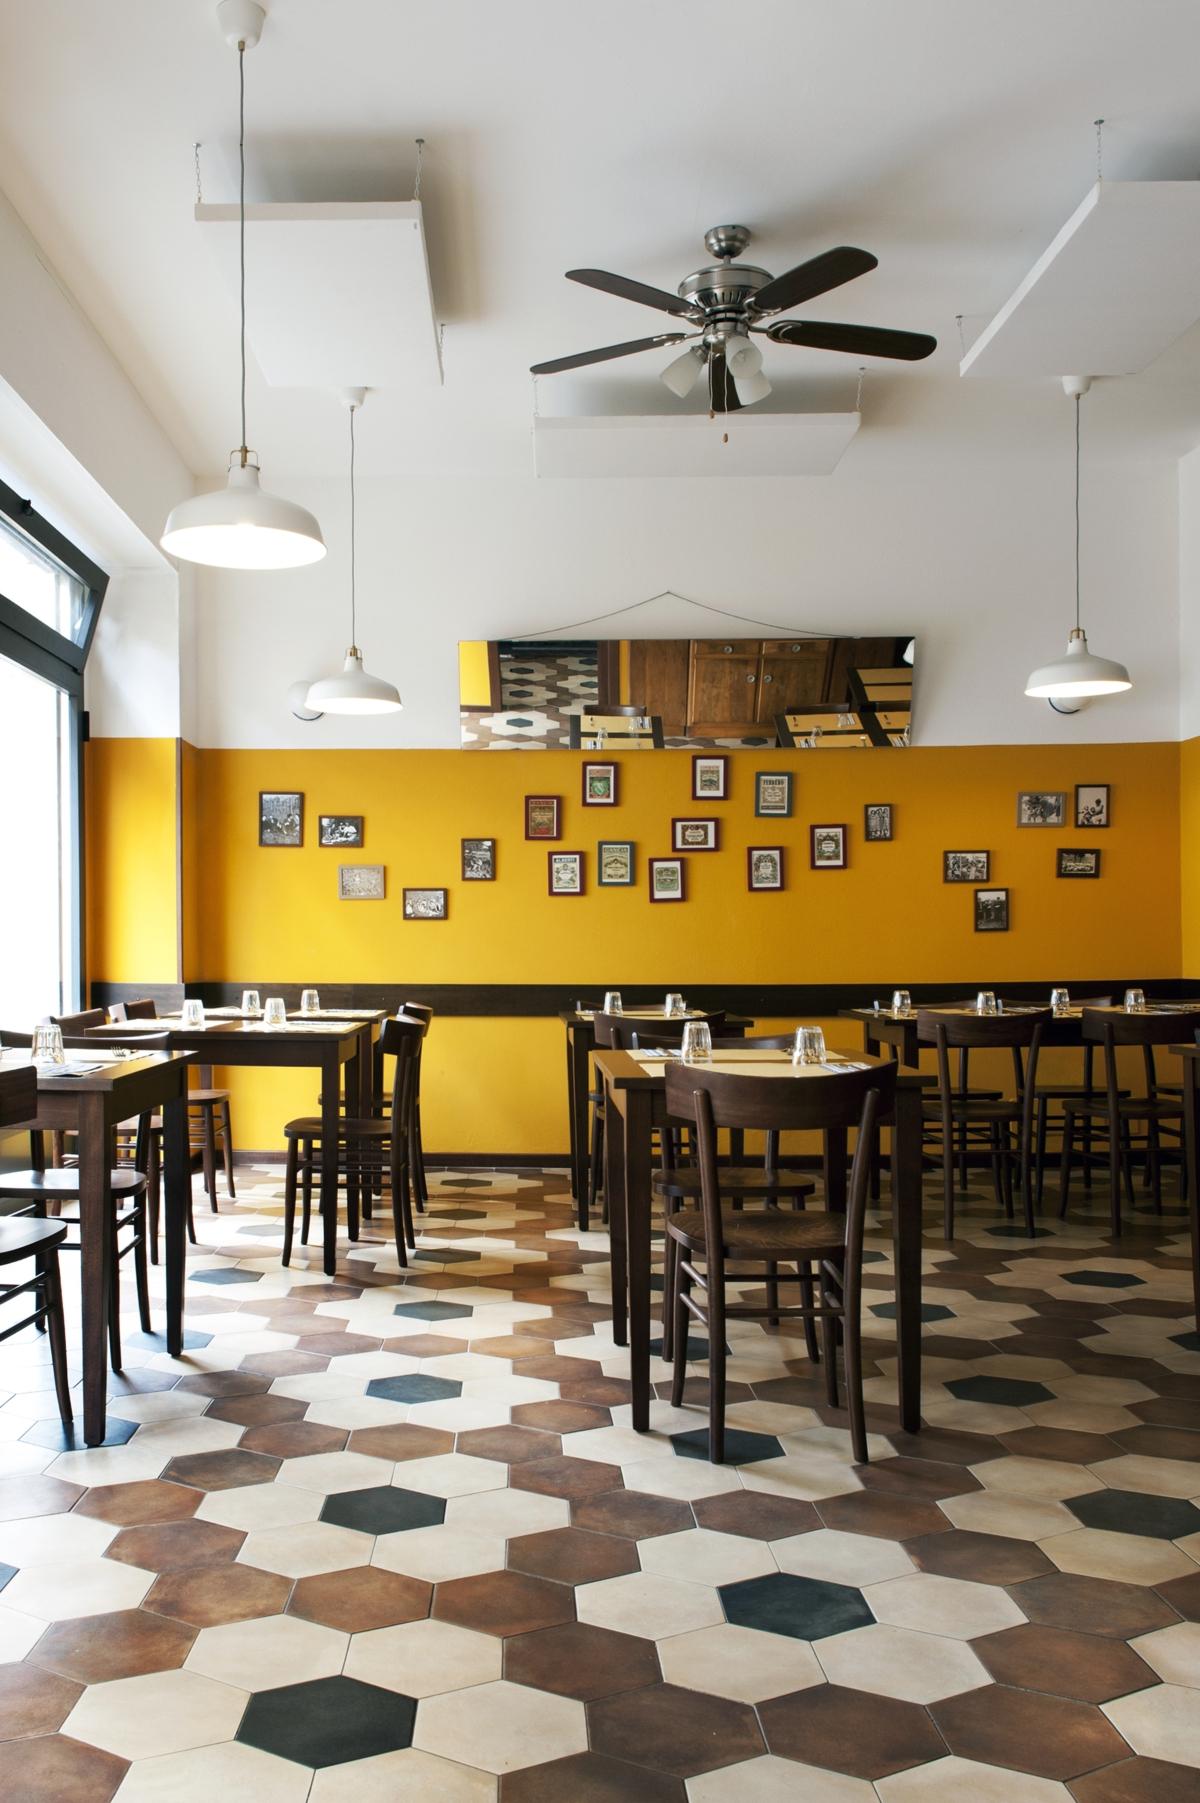 ristorante Trippa di Milano, trattoria old school interior design vintage 16